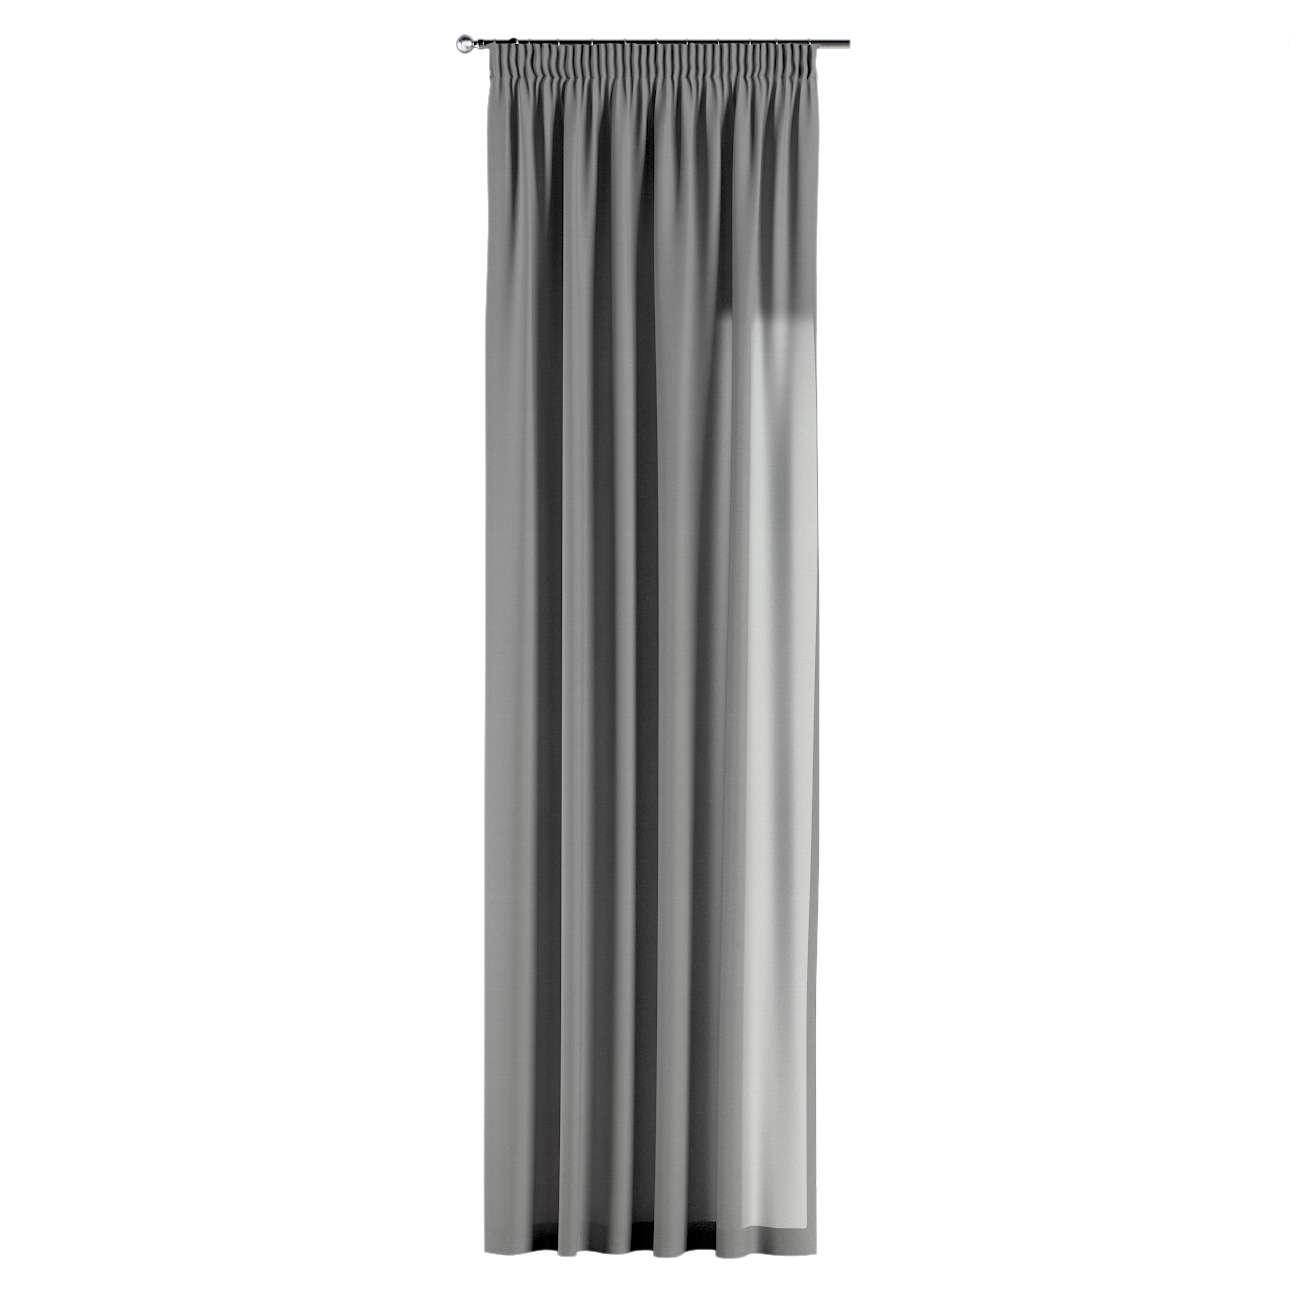 Gardin med rynkebånd 130 x 260 cm fra kollektionen Loneta, Stof: 133-24